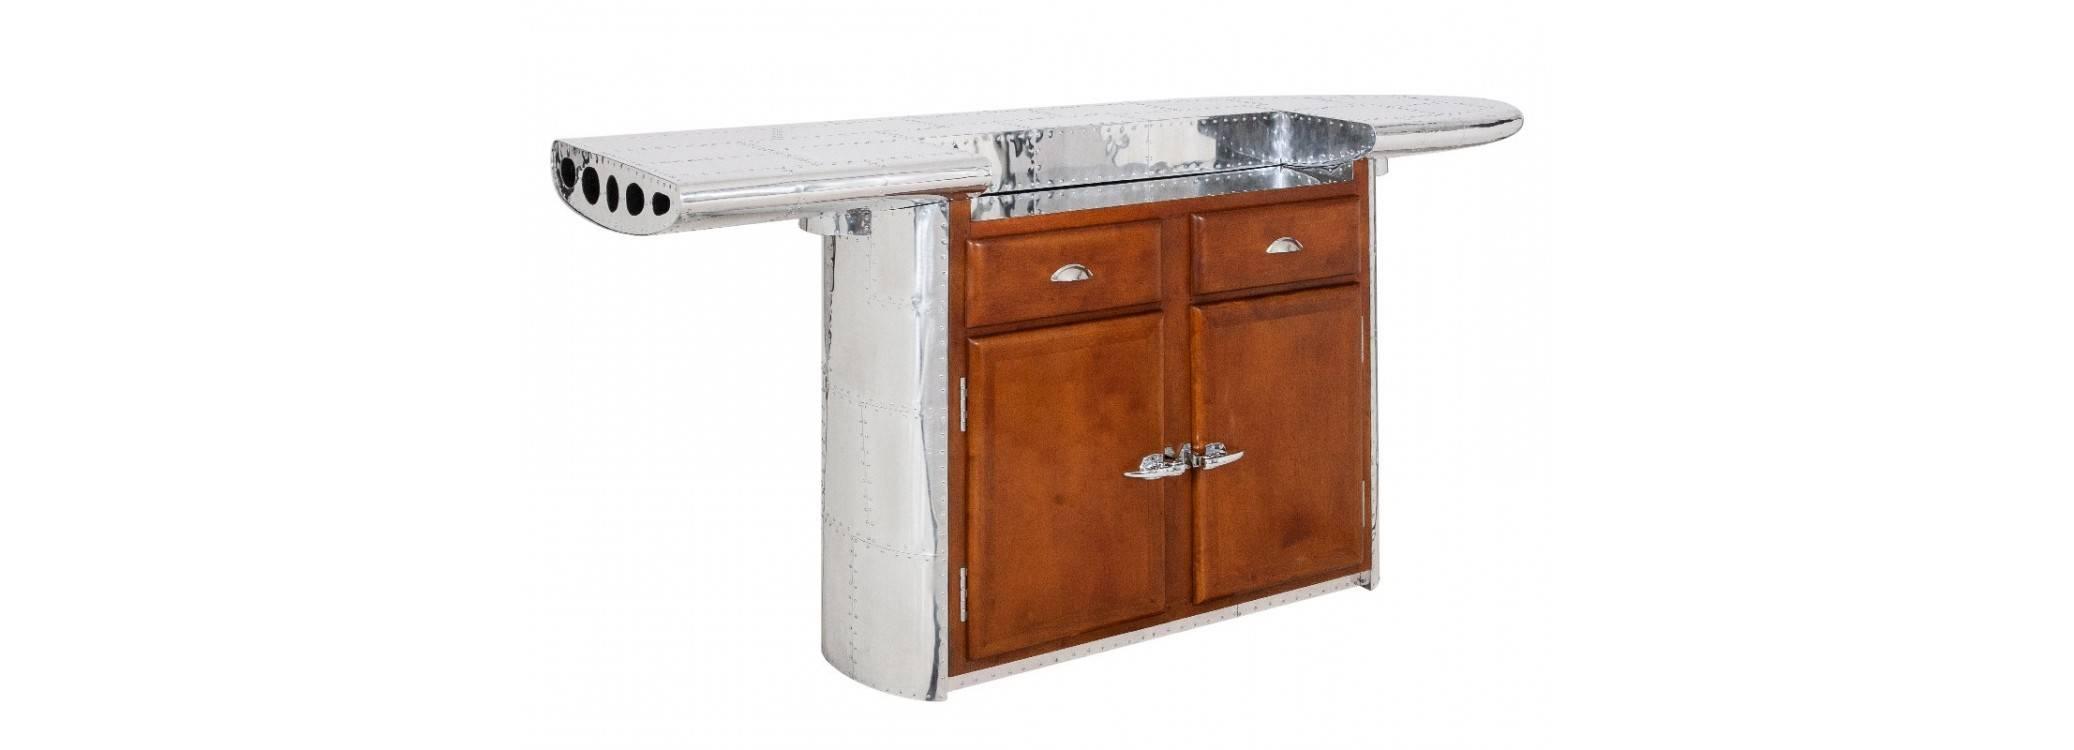 Meuble bar comptoir aile d'avion - DC3